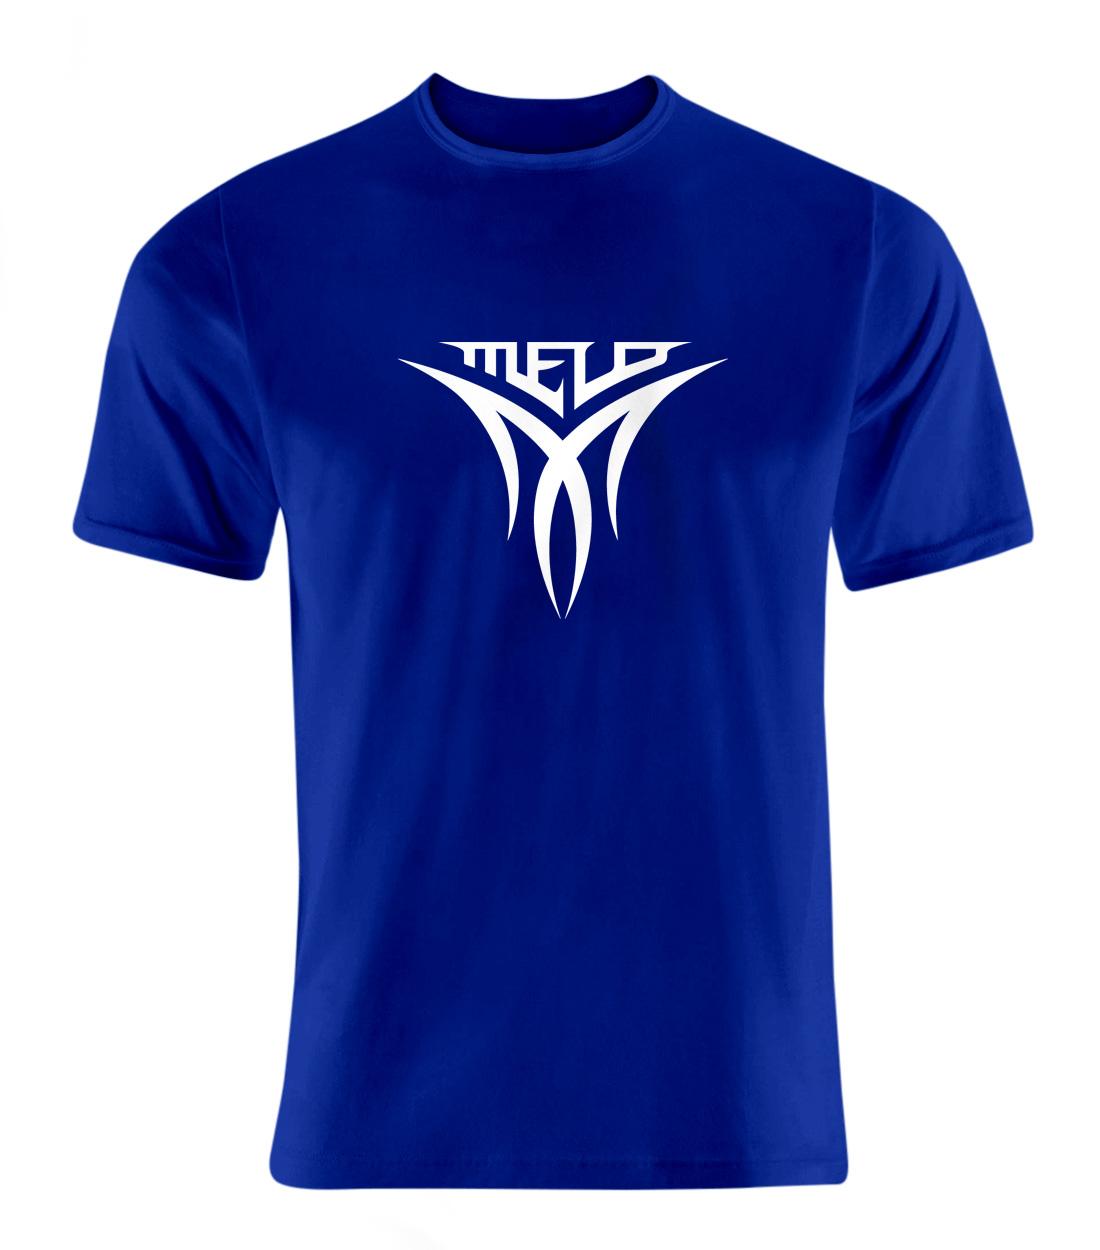 Carmelo Anthony Tshirt (TSH-BLU-PLT-carmelo-603)